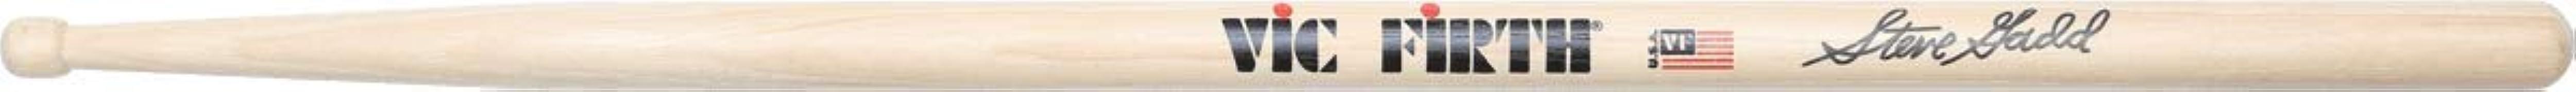 VIC FIRTH ヴィックファース シグネイチャードラムスティック Steve Gadd Clear Finish VIC-SG2